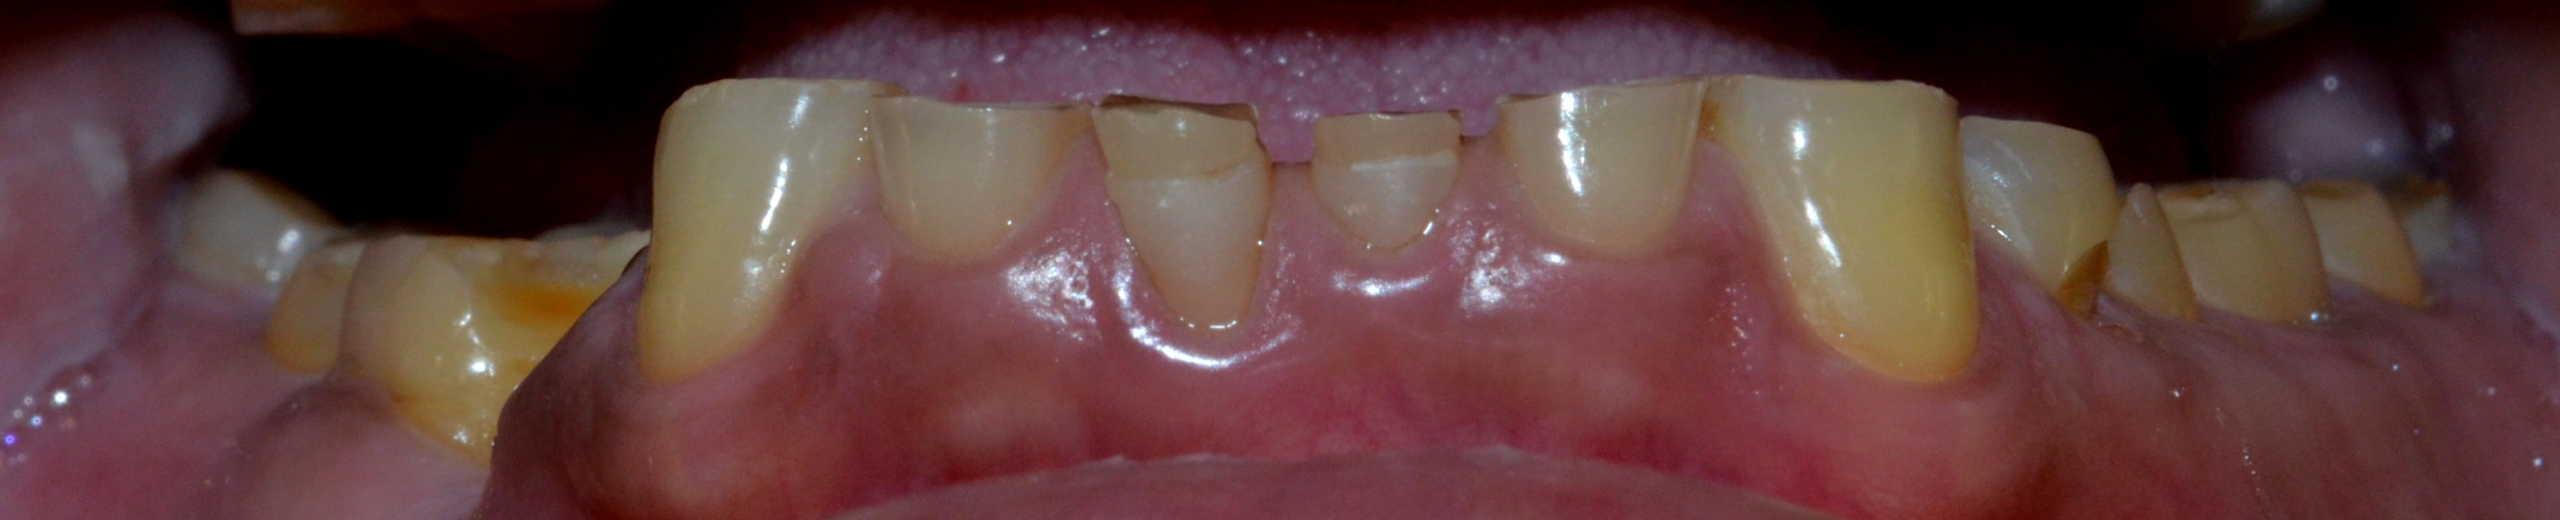 Before (lower teeth)